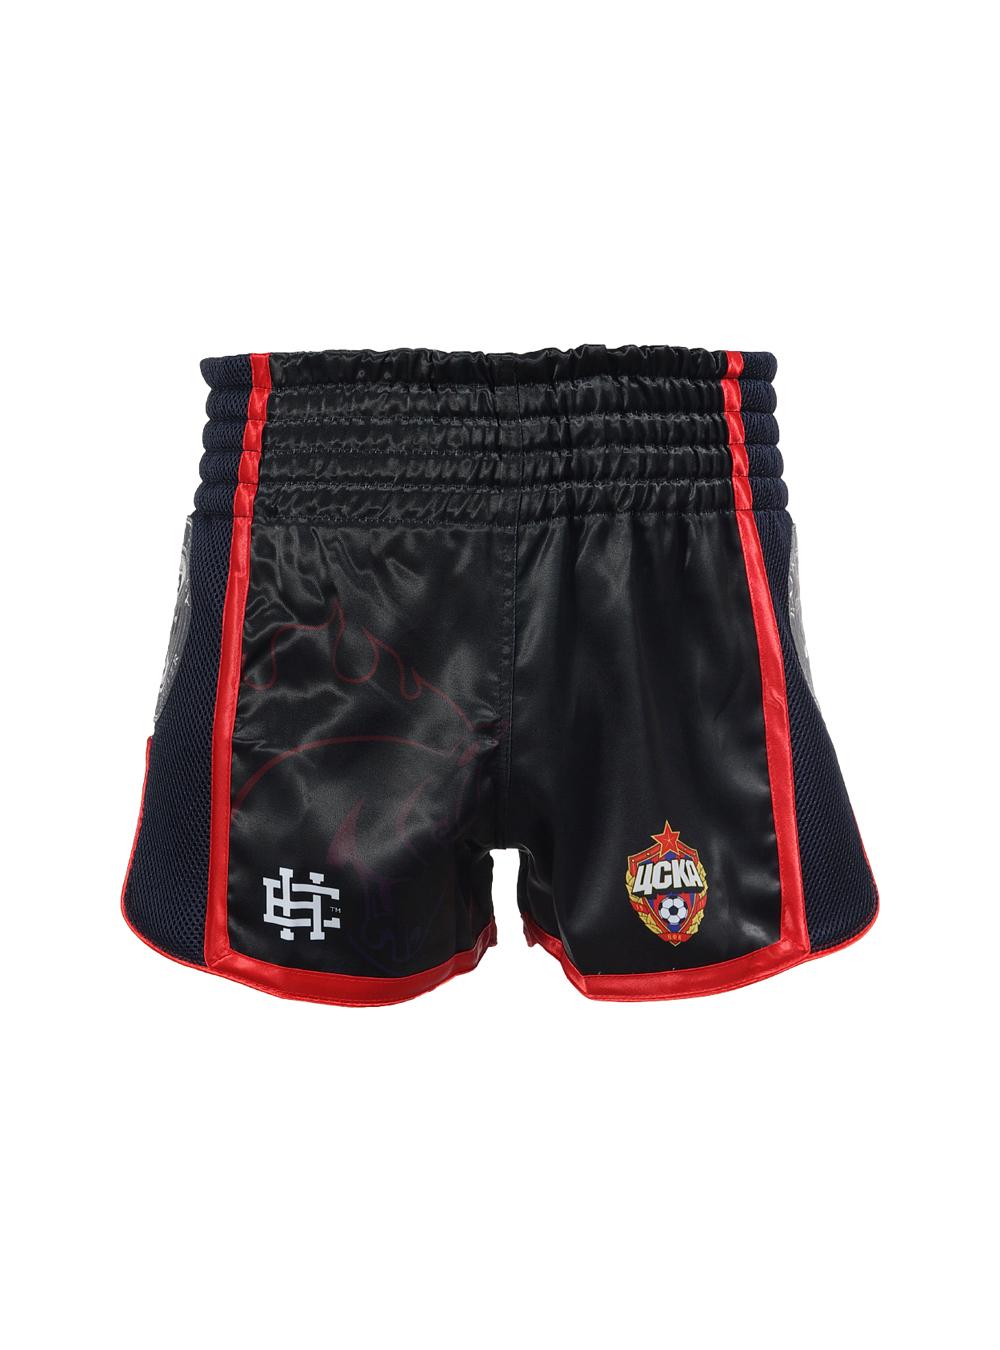 Купить Шорты Muay Thai CSKA (XL) по Нижнему Новгороду